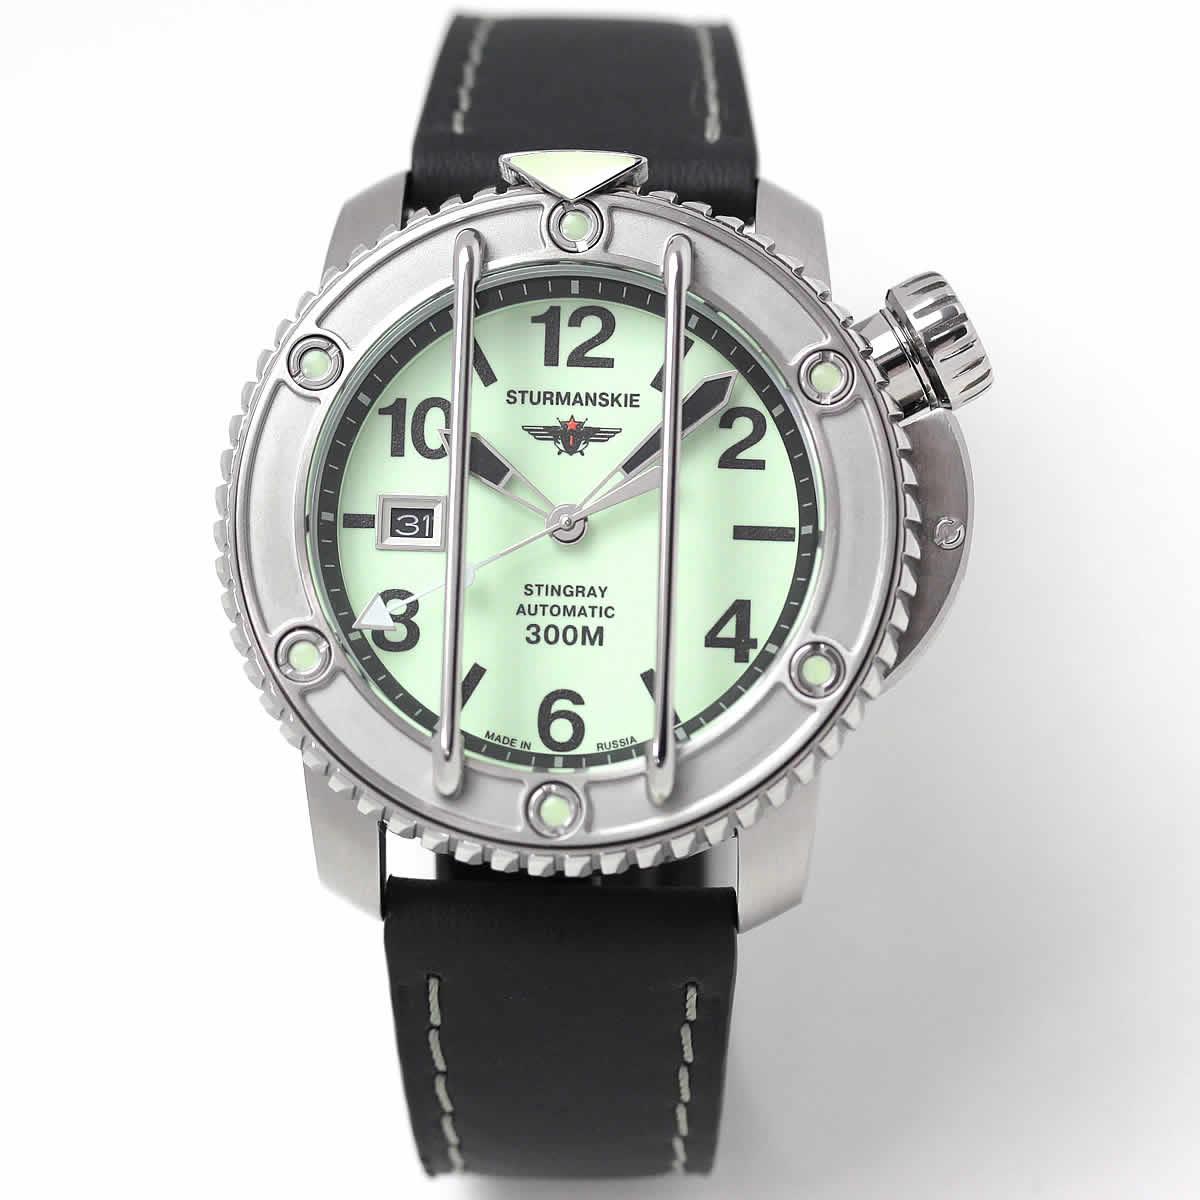 STRUMANSKIE(シュトルマンスキー)Ocean STINGRAY(スティングレイ)腕時計 NH35/1825898